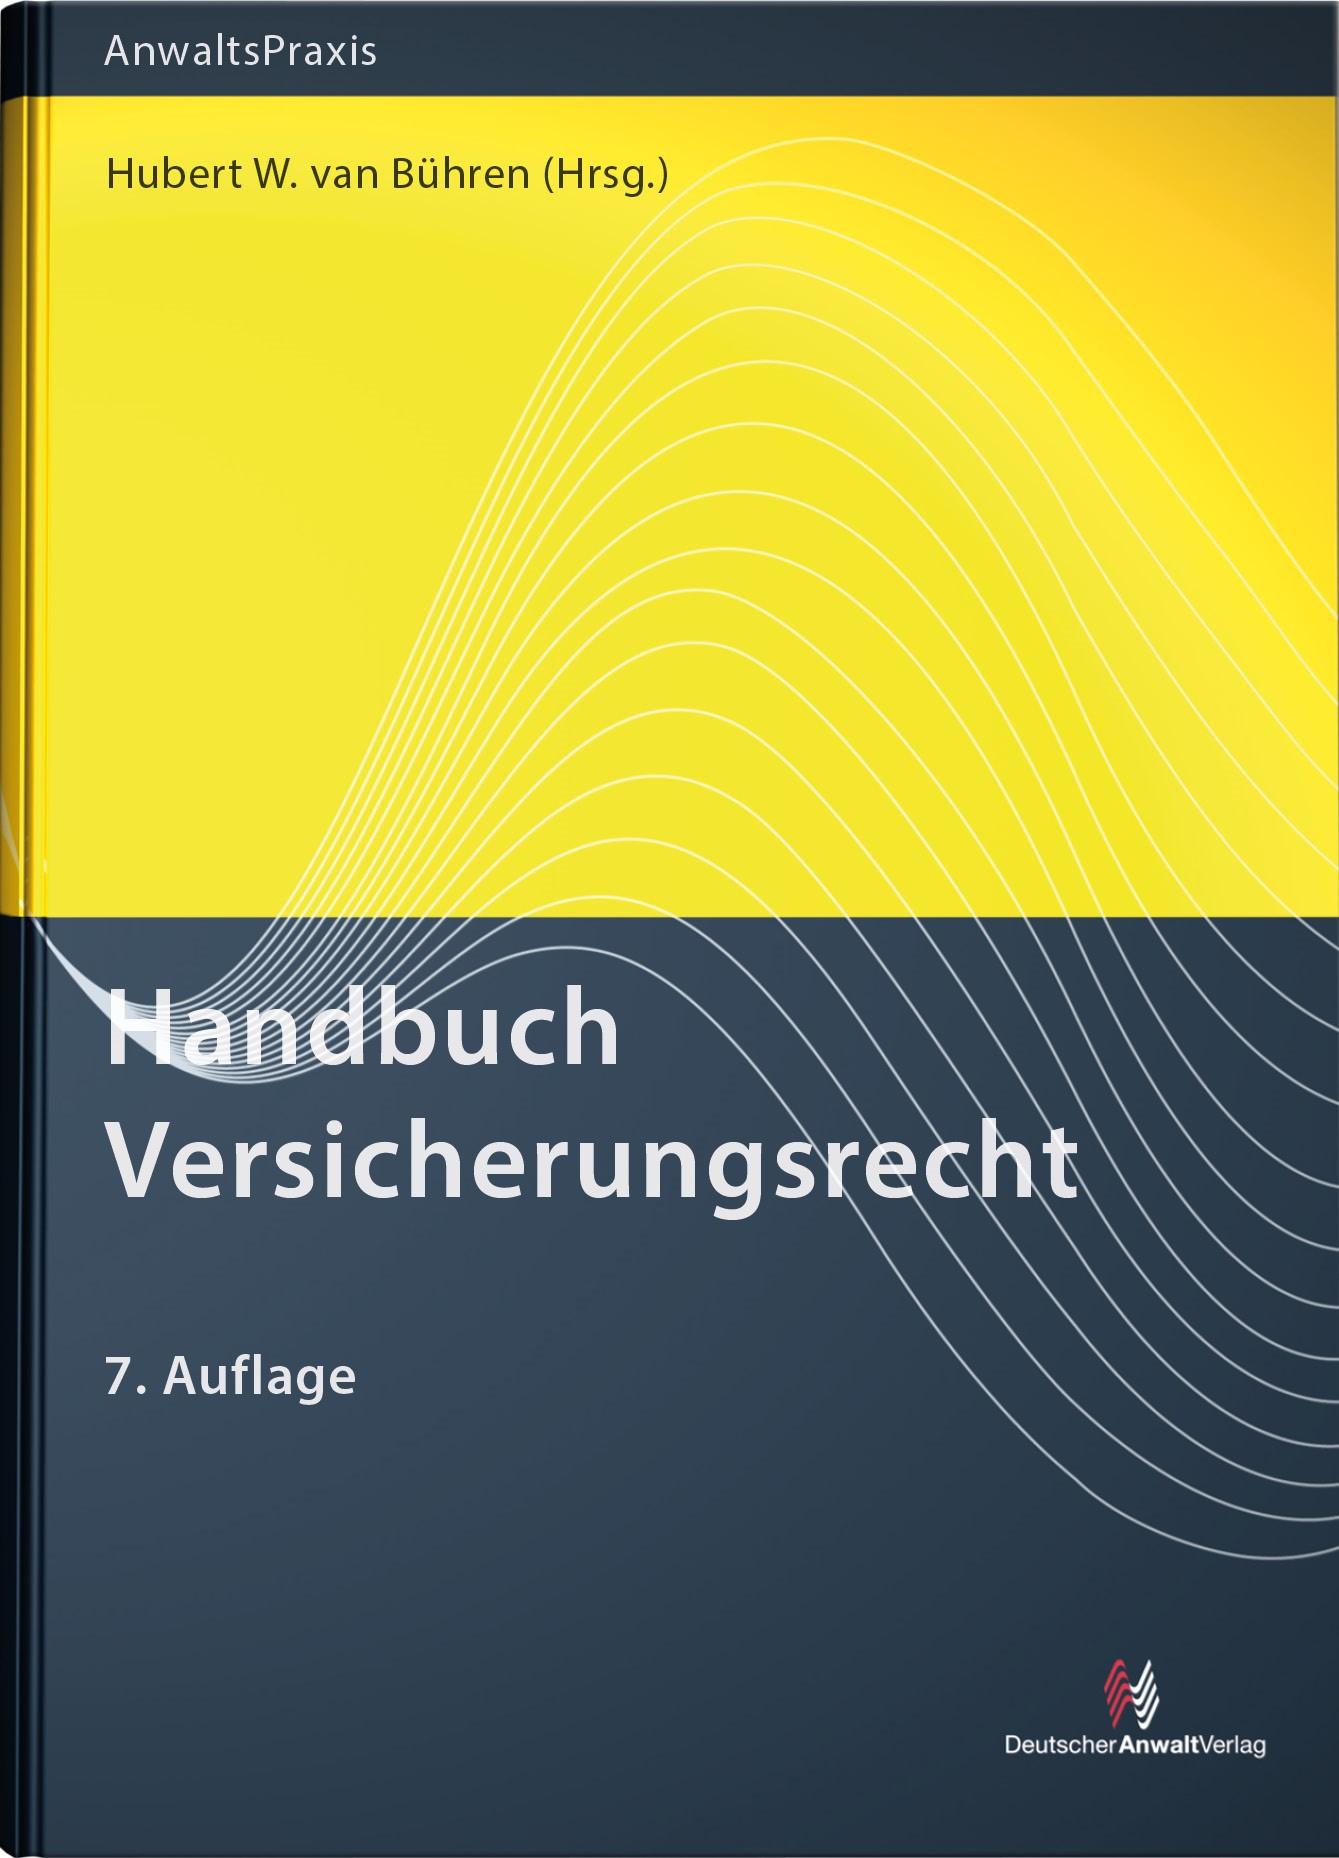 Handbuch Versicherungsrecht | van Bühren (Hrsg.) | 7. Auflage, 2017 | Buch (Cover)